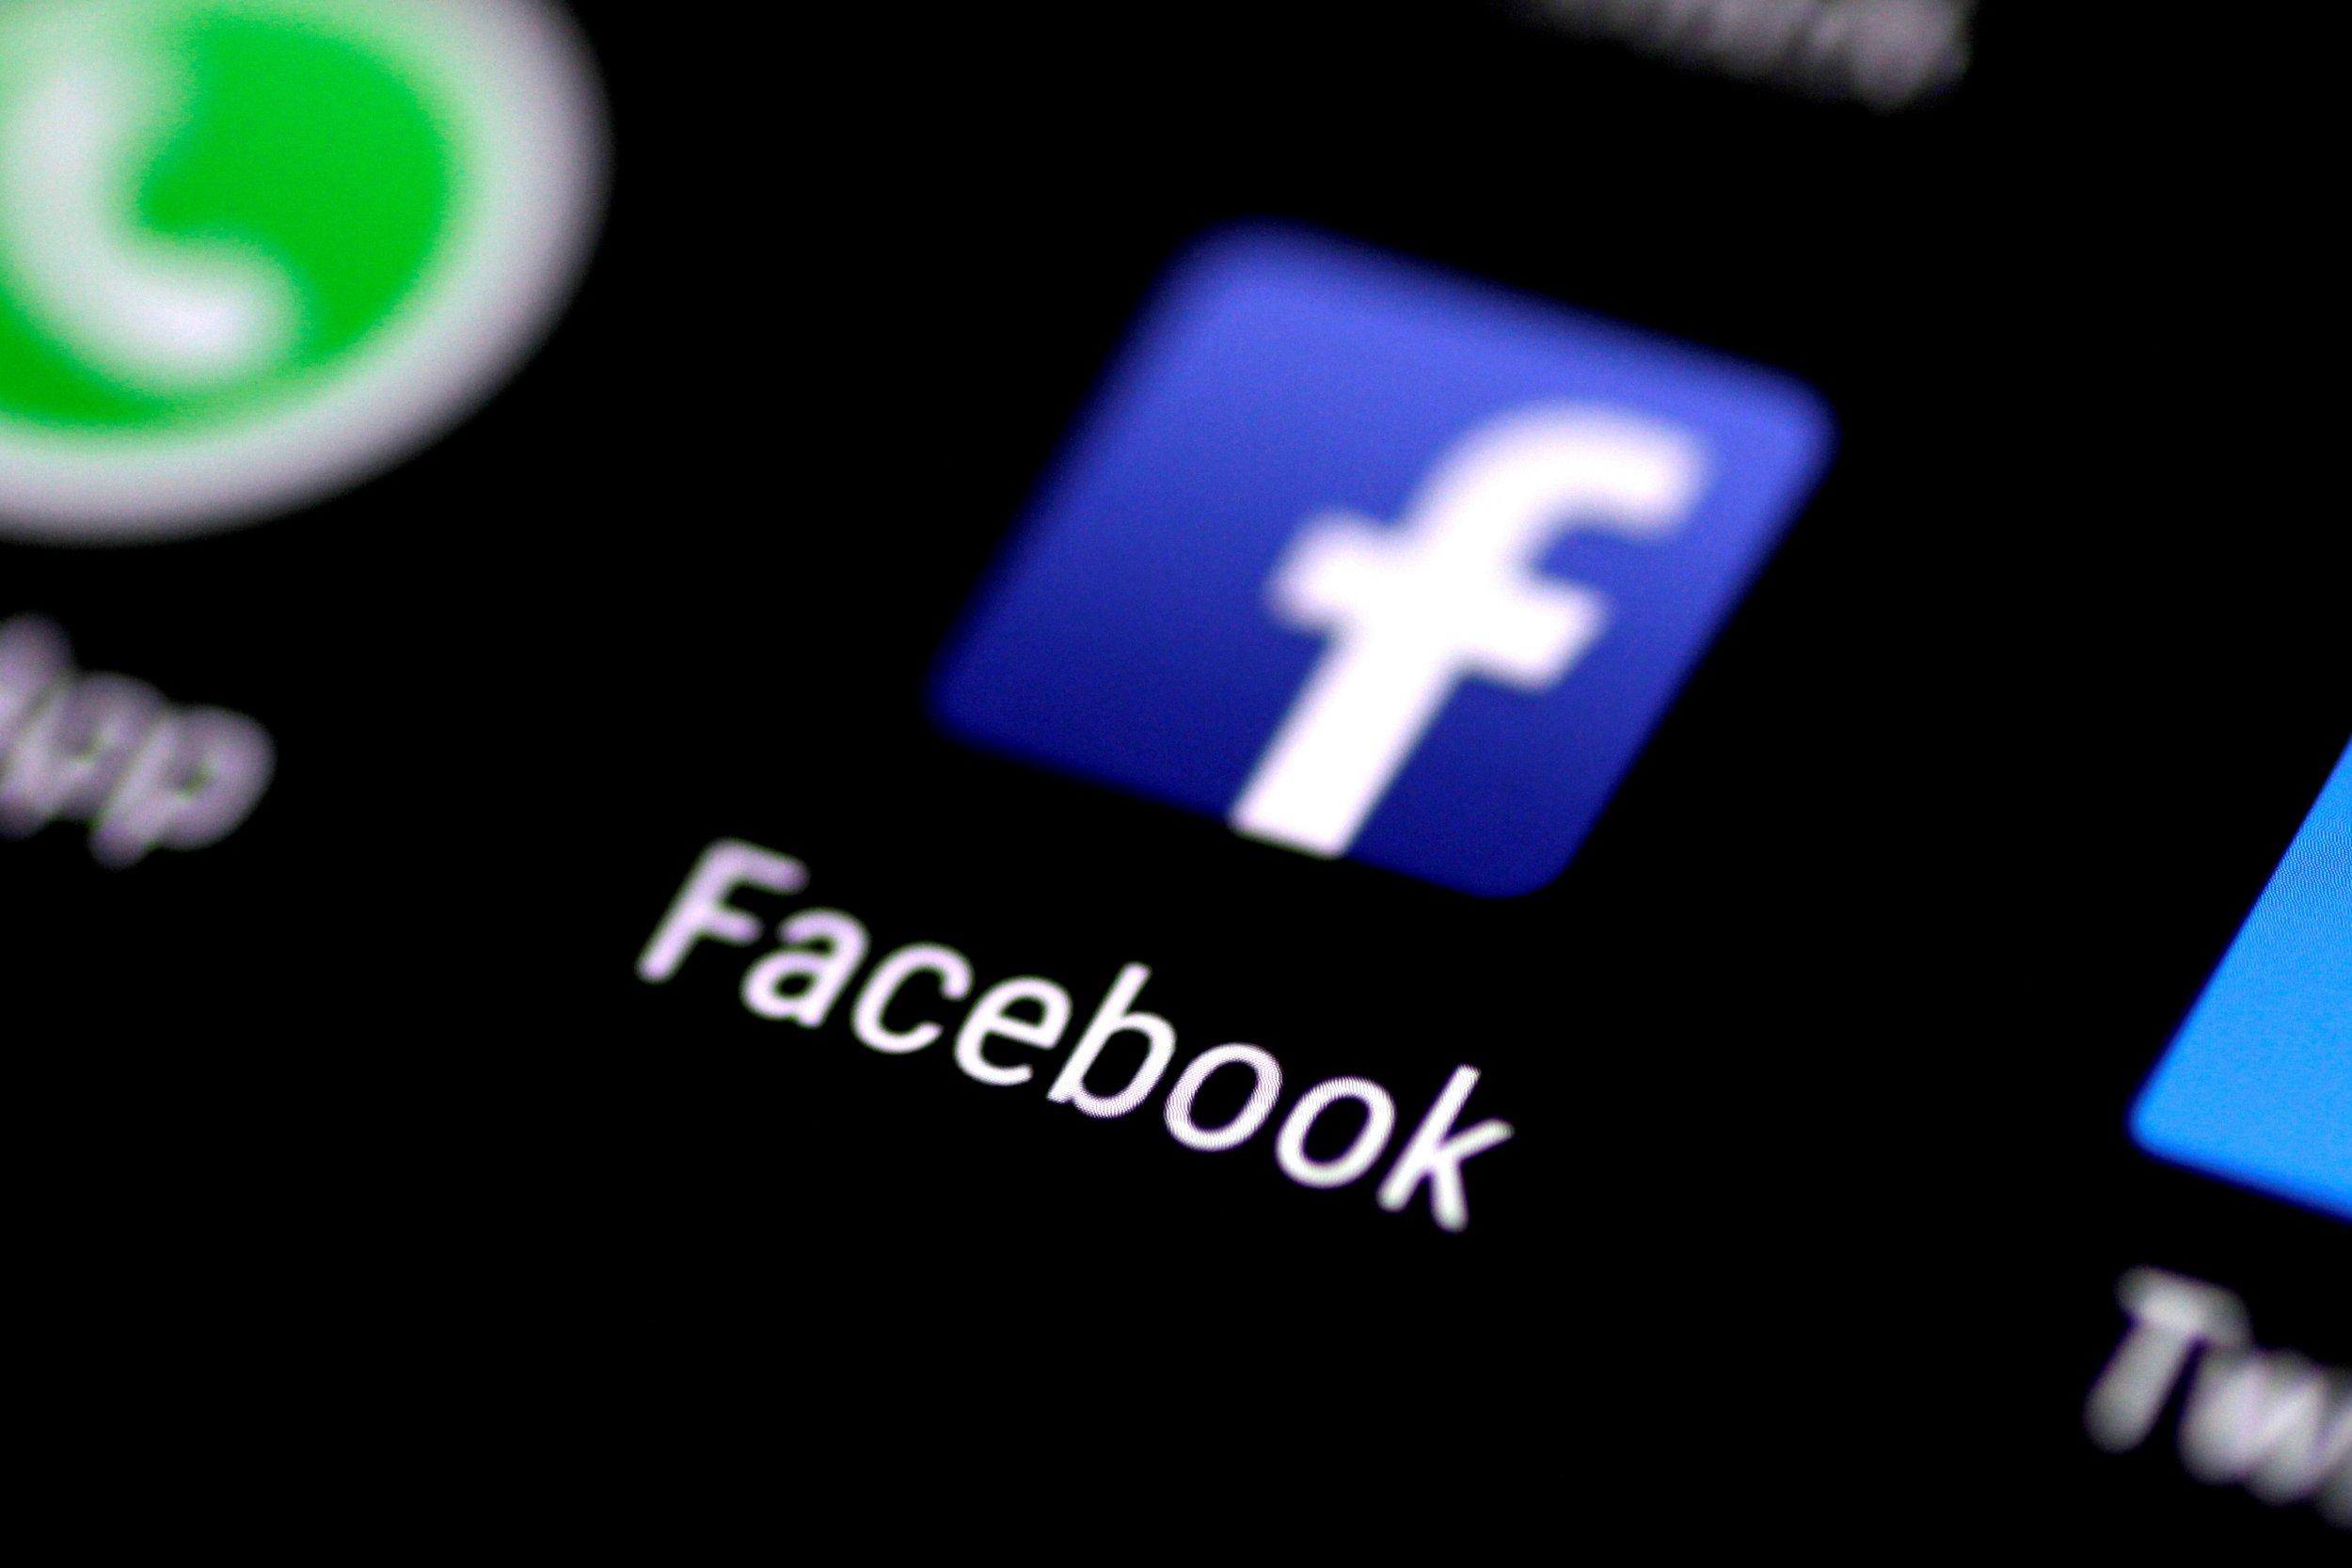 Facebook revenge porn naked images